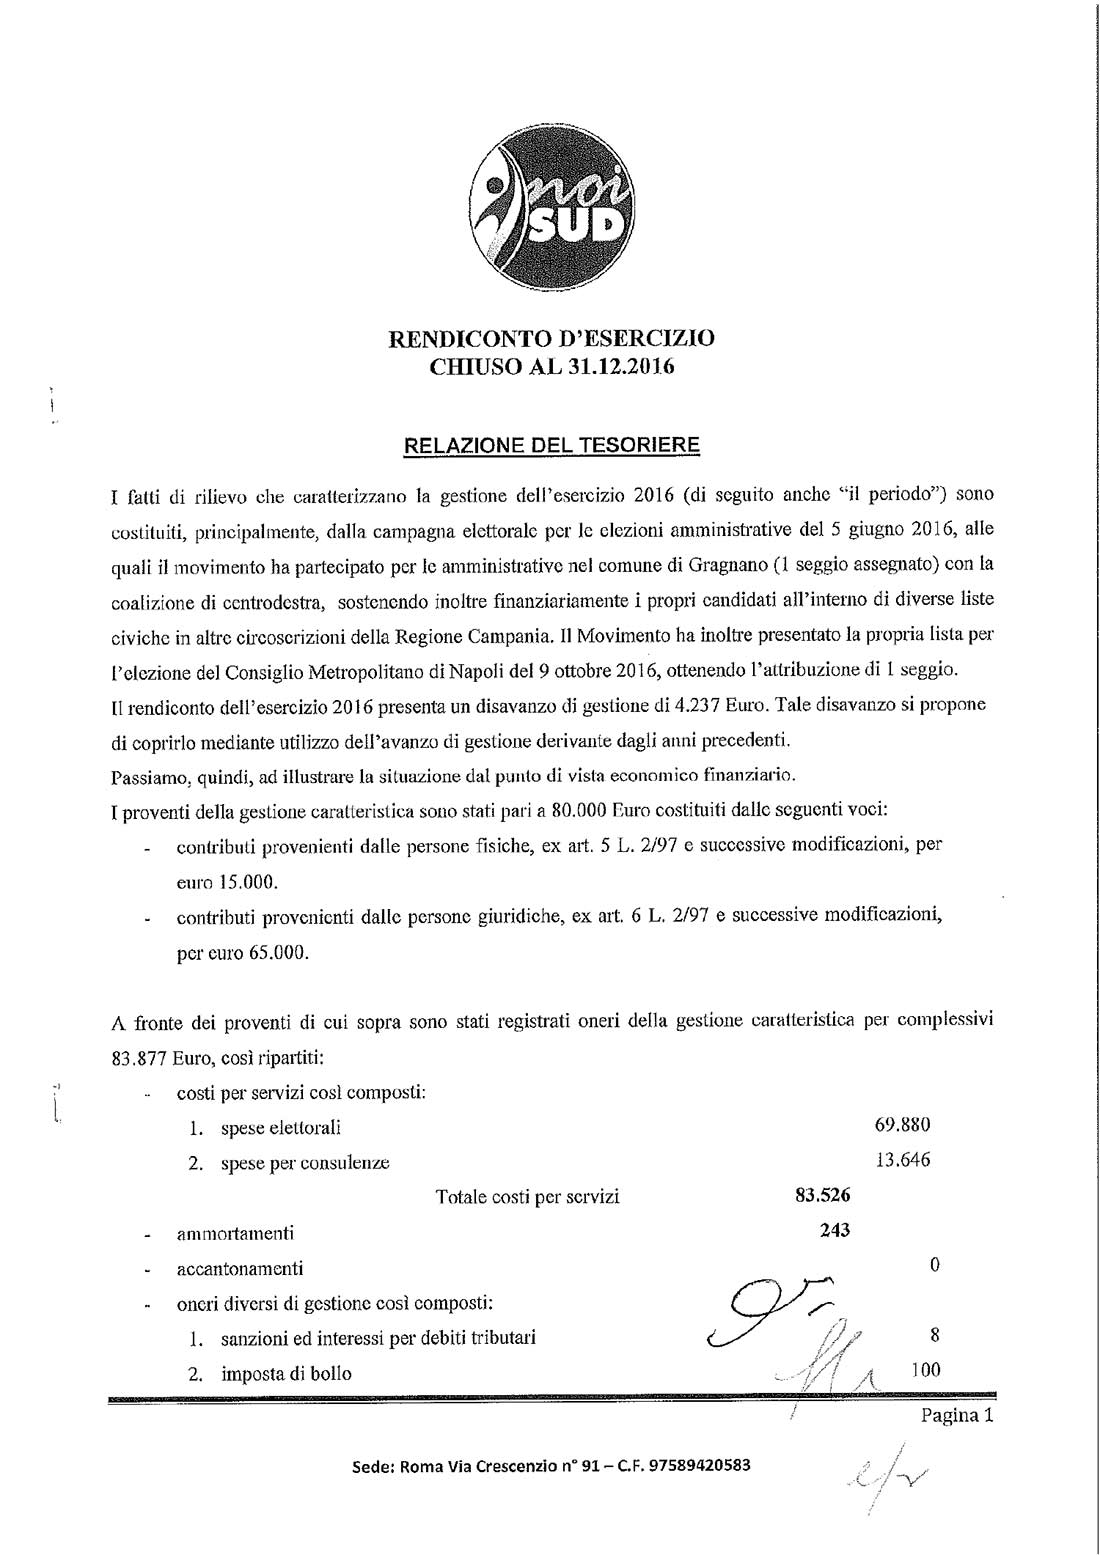 Relazione_del-tesoriere_2016-1